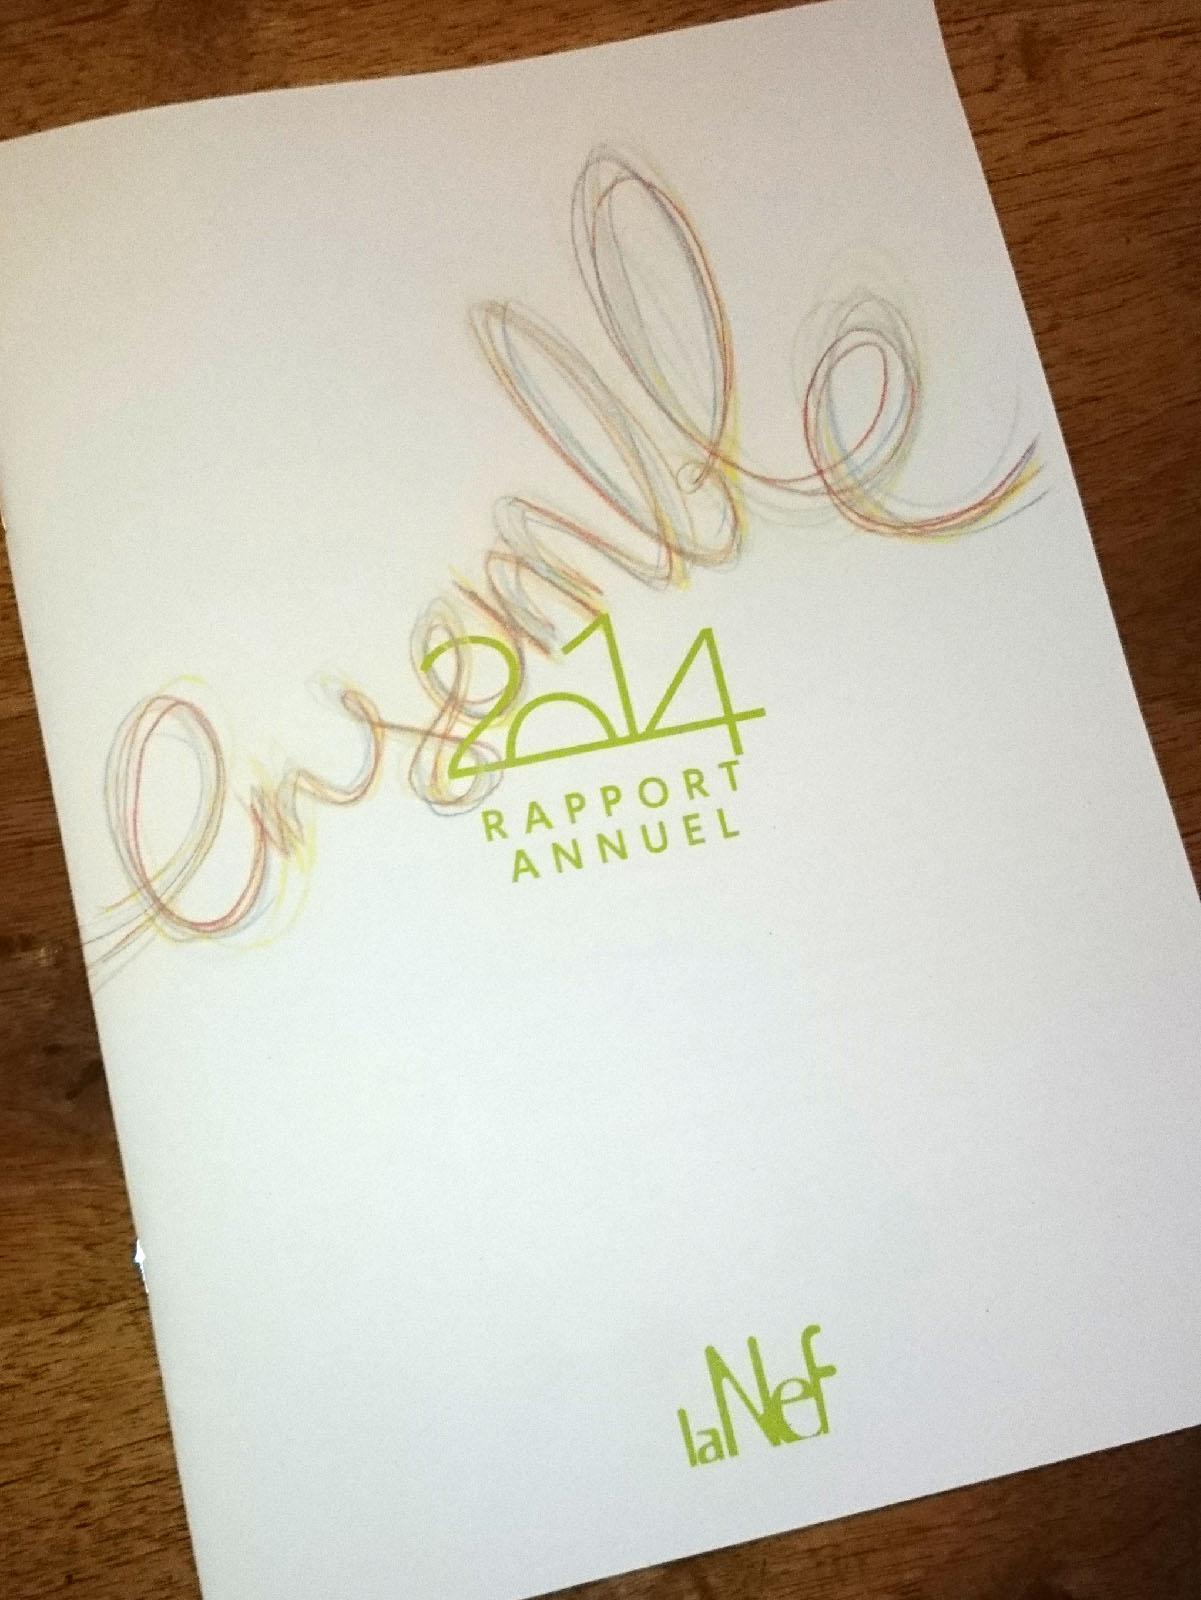 Rapport annuel 2014 La Nef